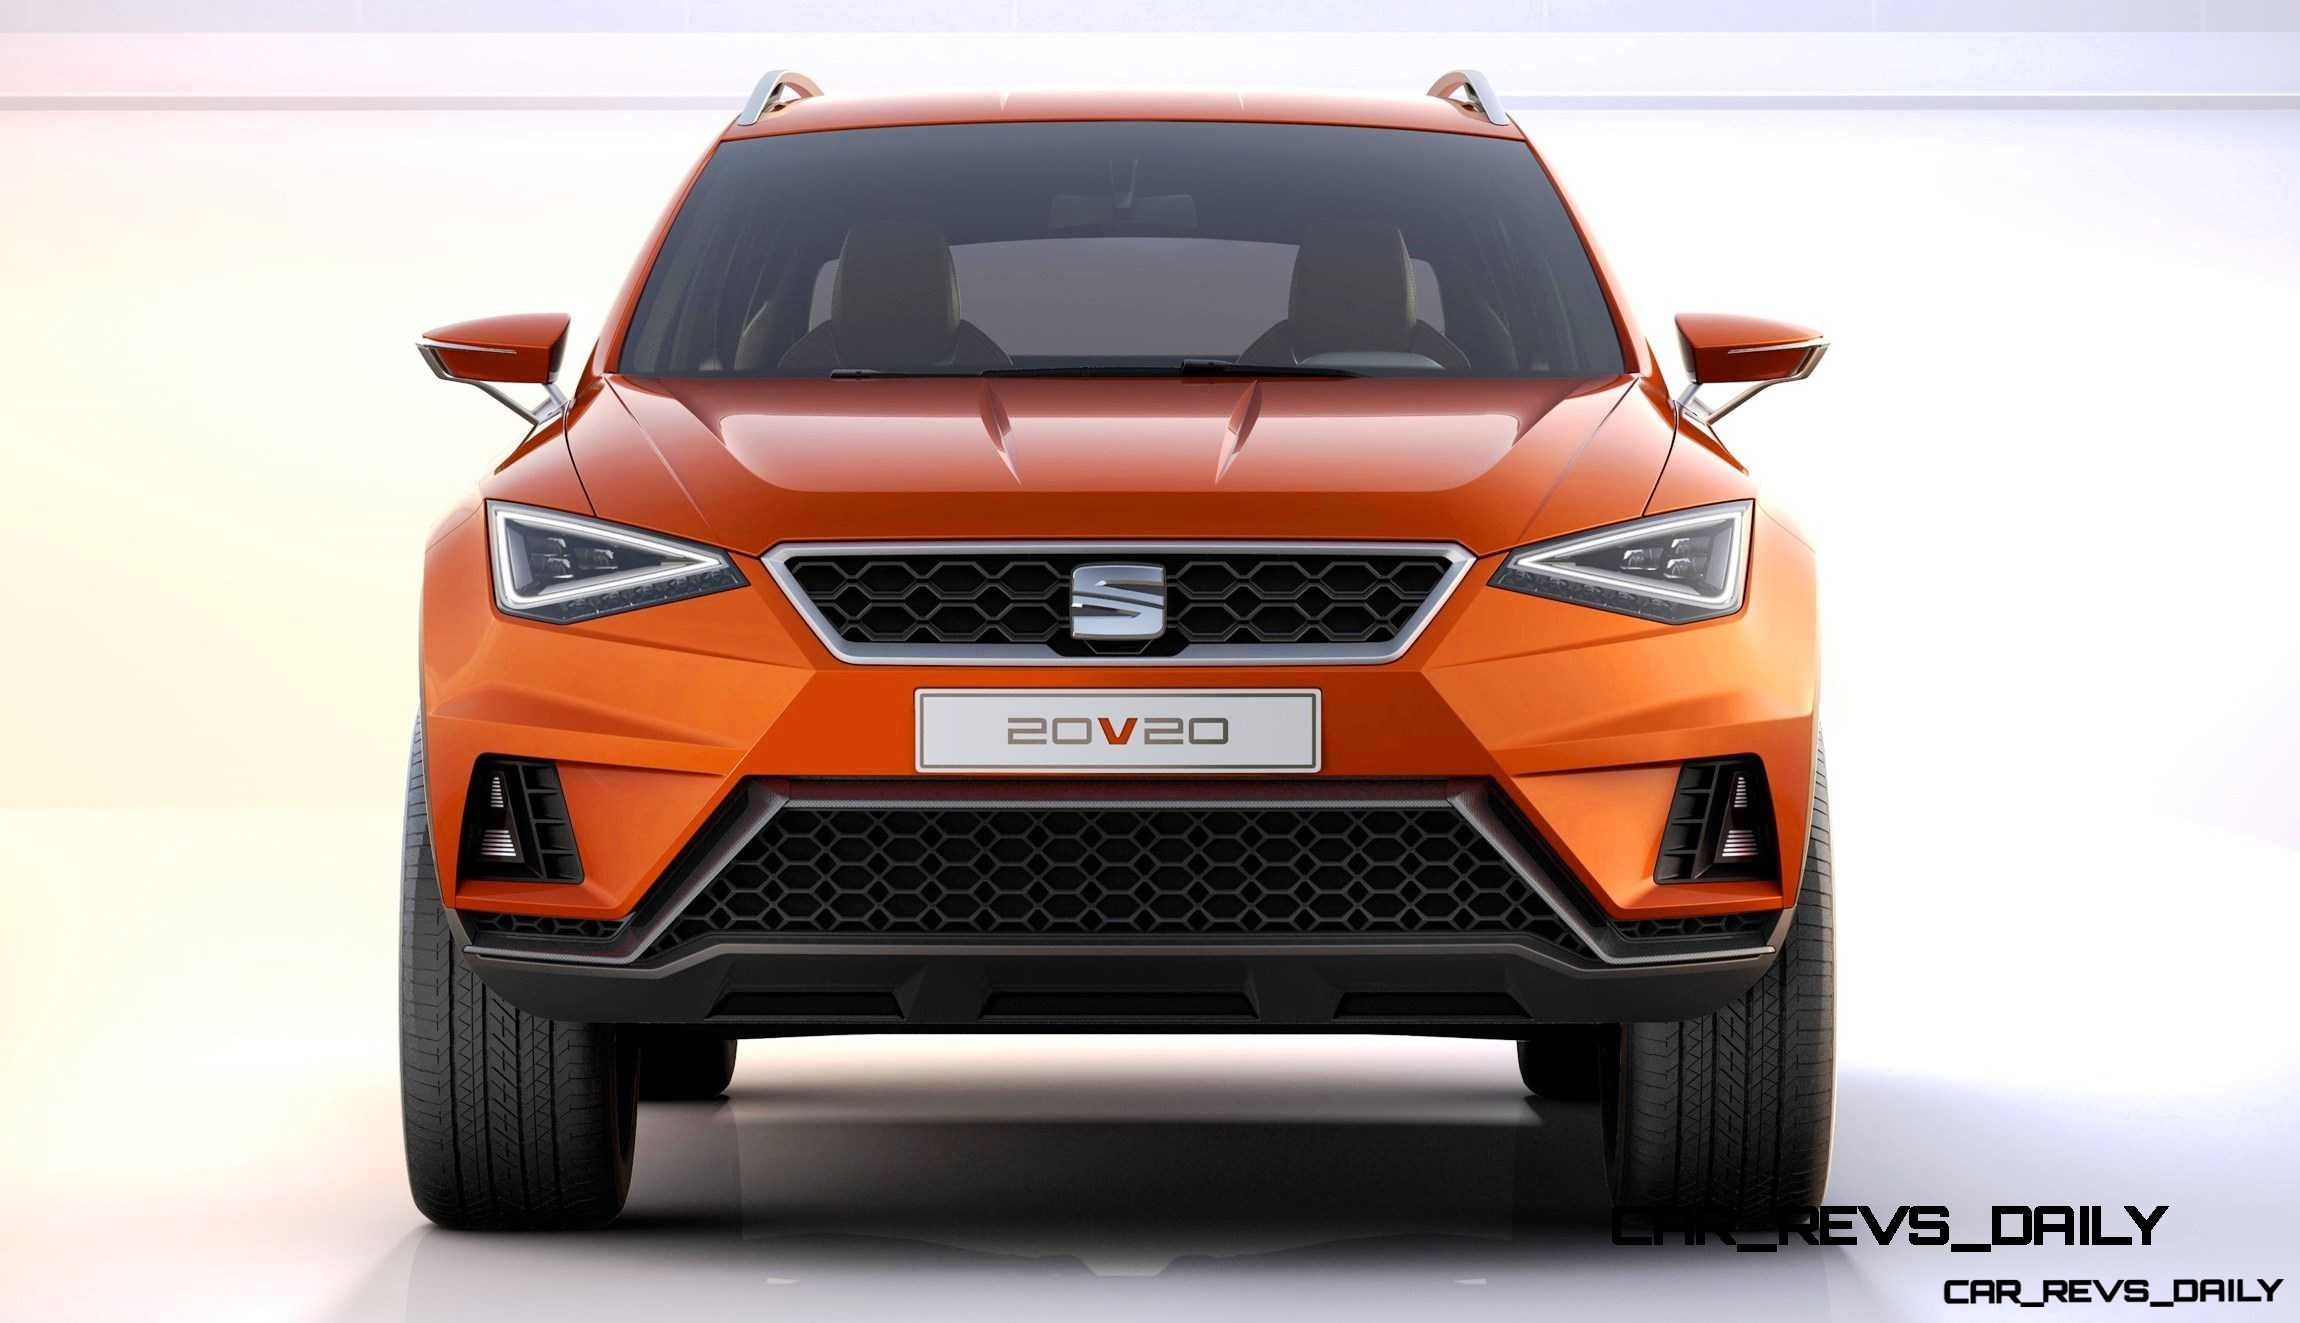 2015 SEAT 20V20 Concept SUV 2